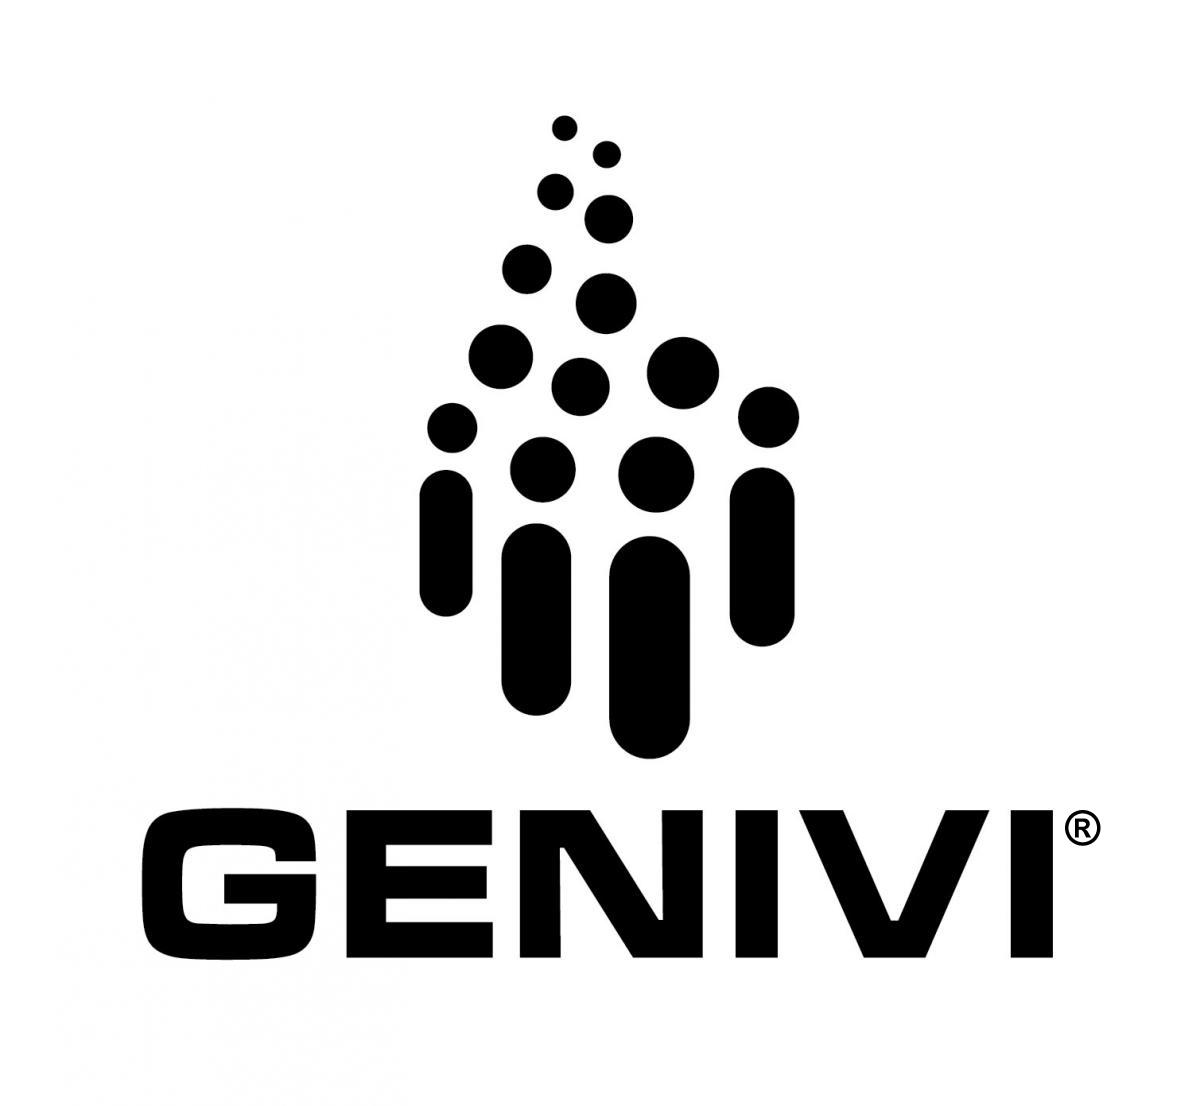 genivi logos download genivi alliance